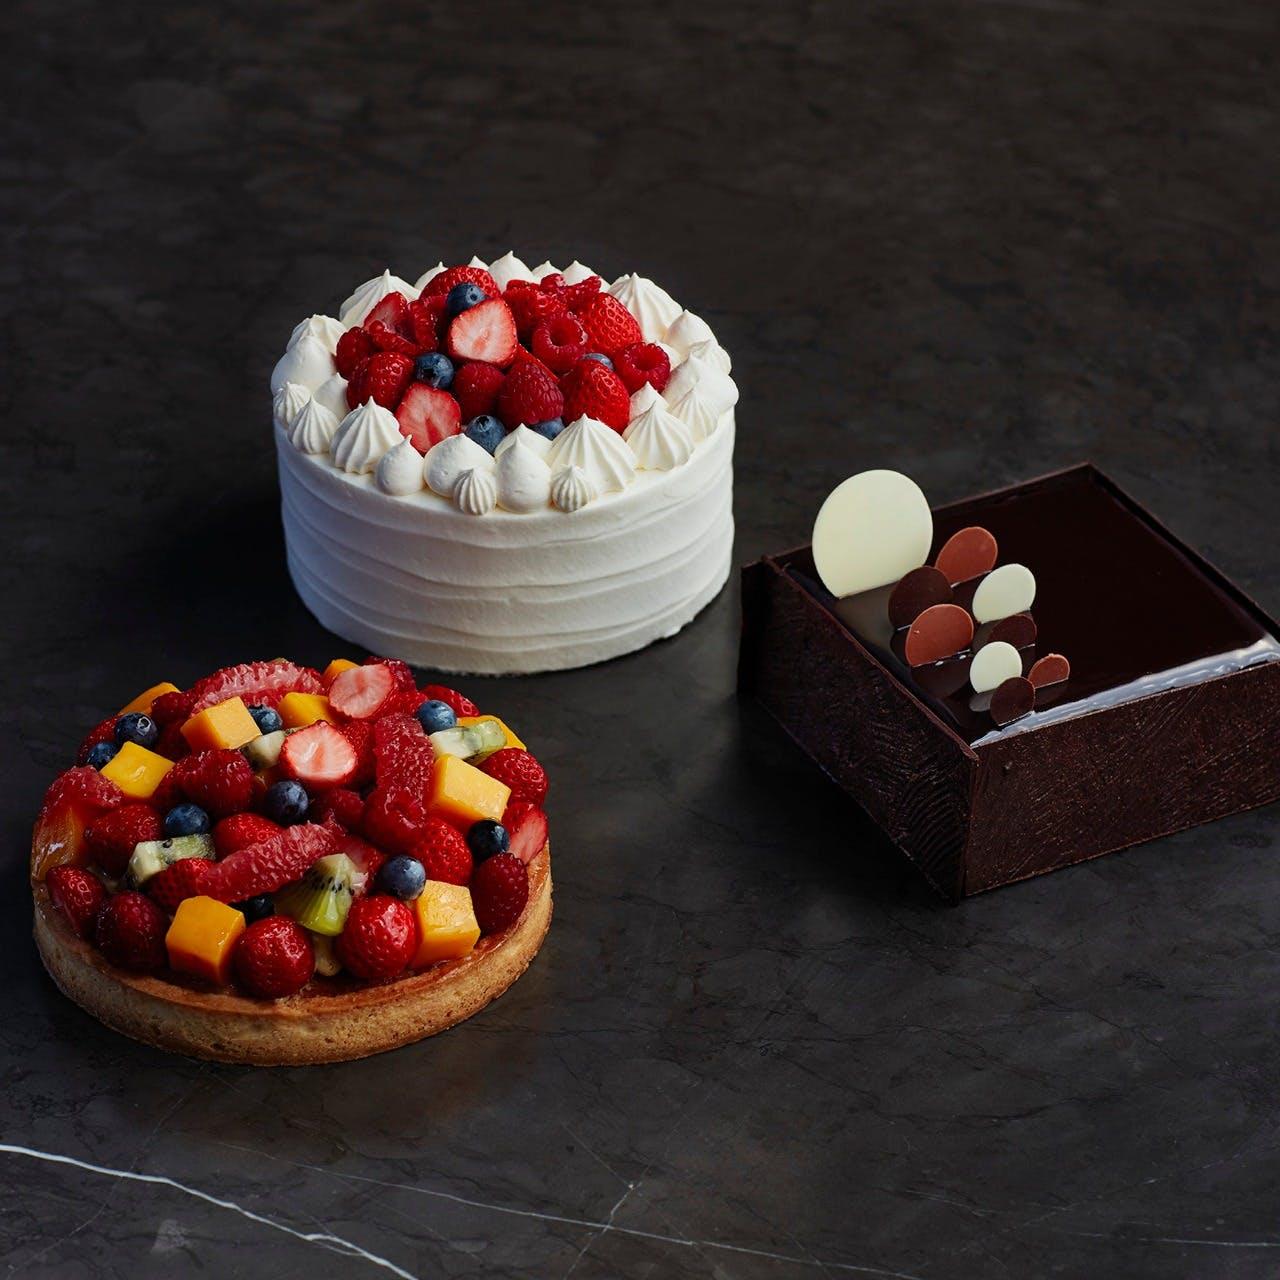 ペストリーシェフ自慢のチョコレートケーキ (10cm)